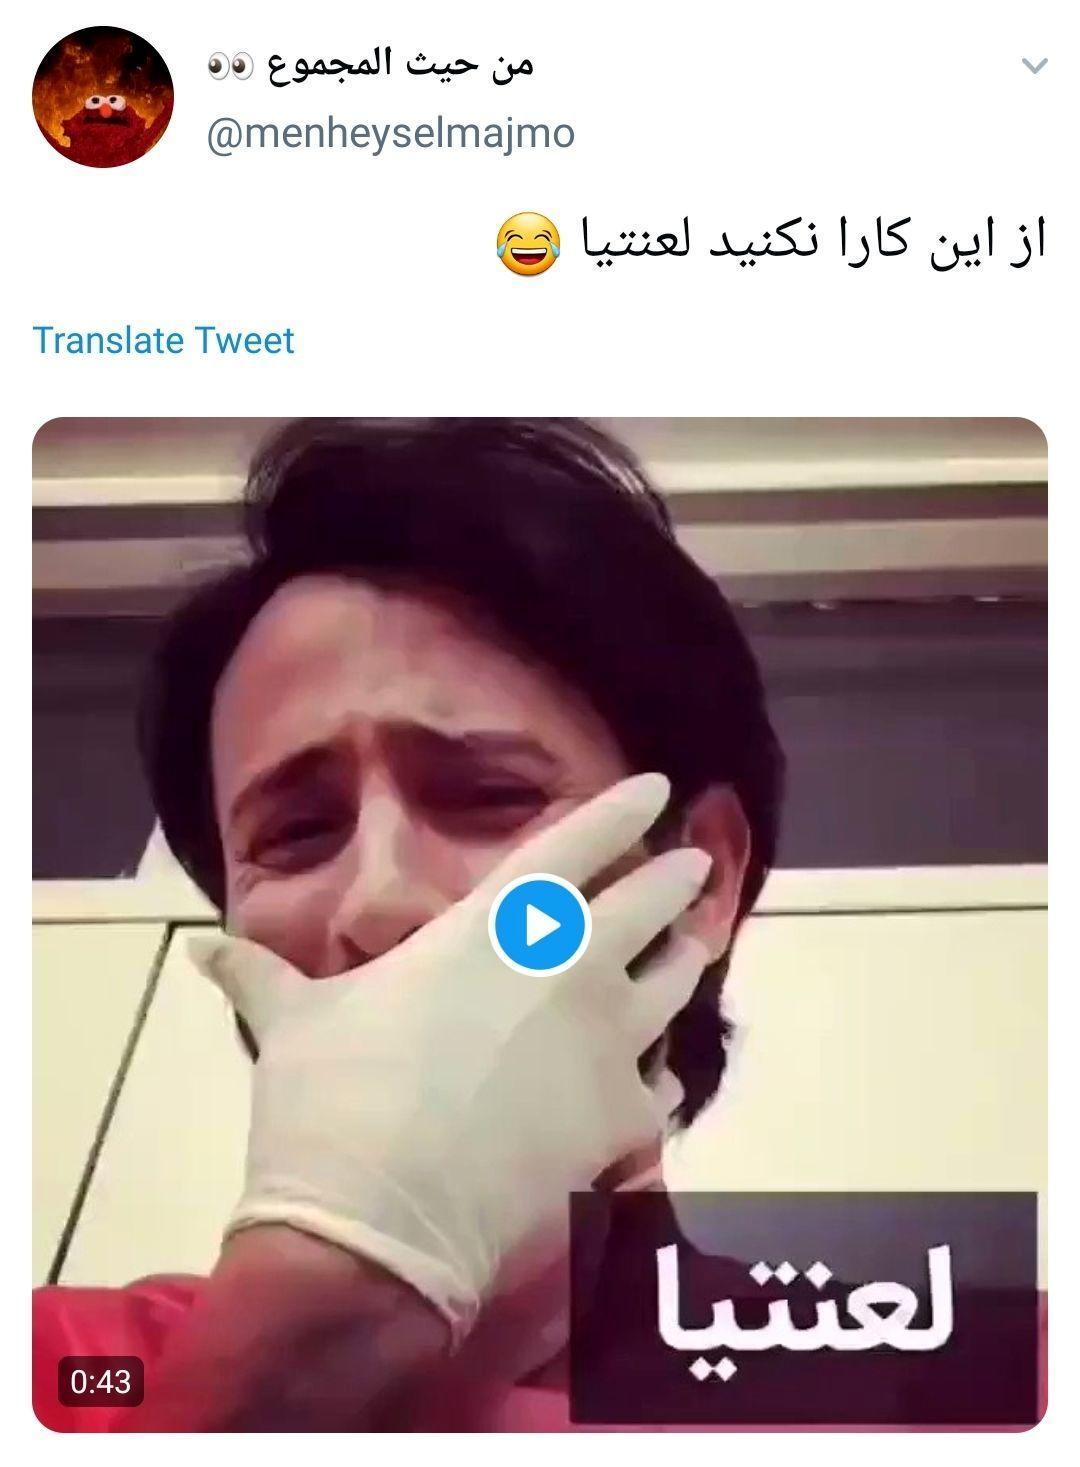 واکنش کاربران به دستگیری پرستار قلابی